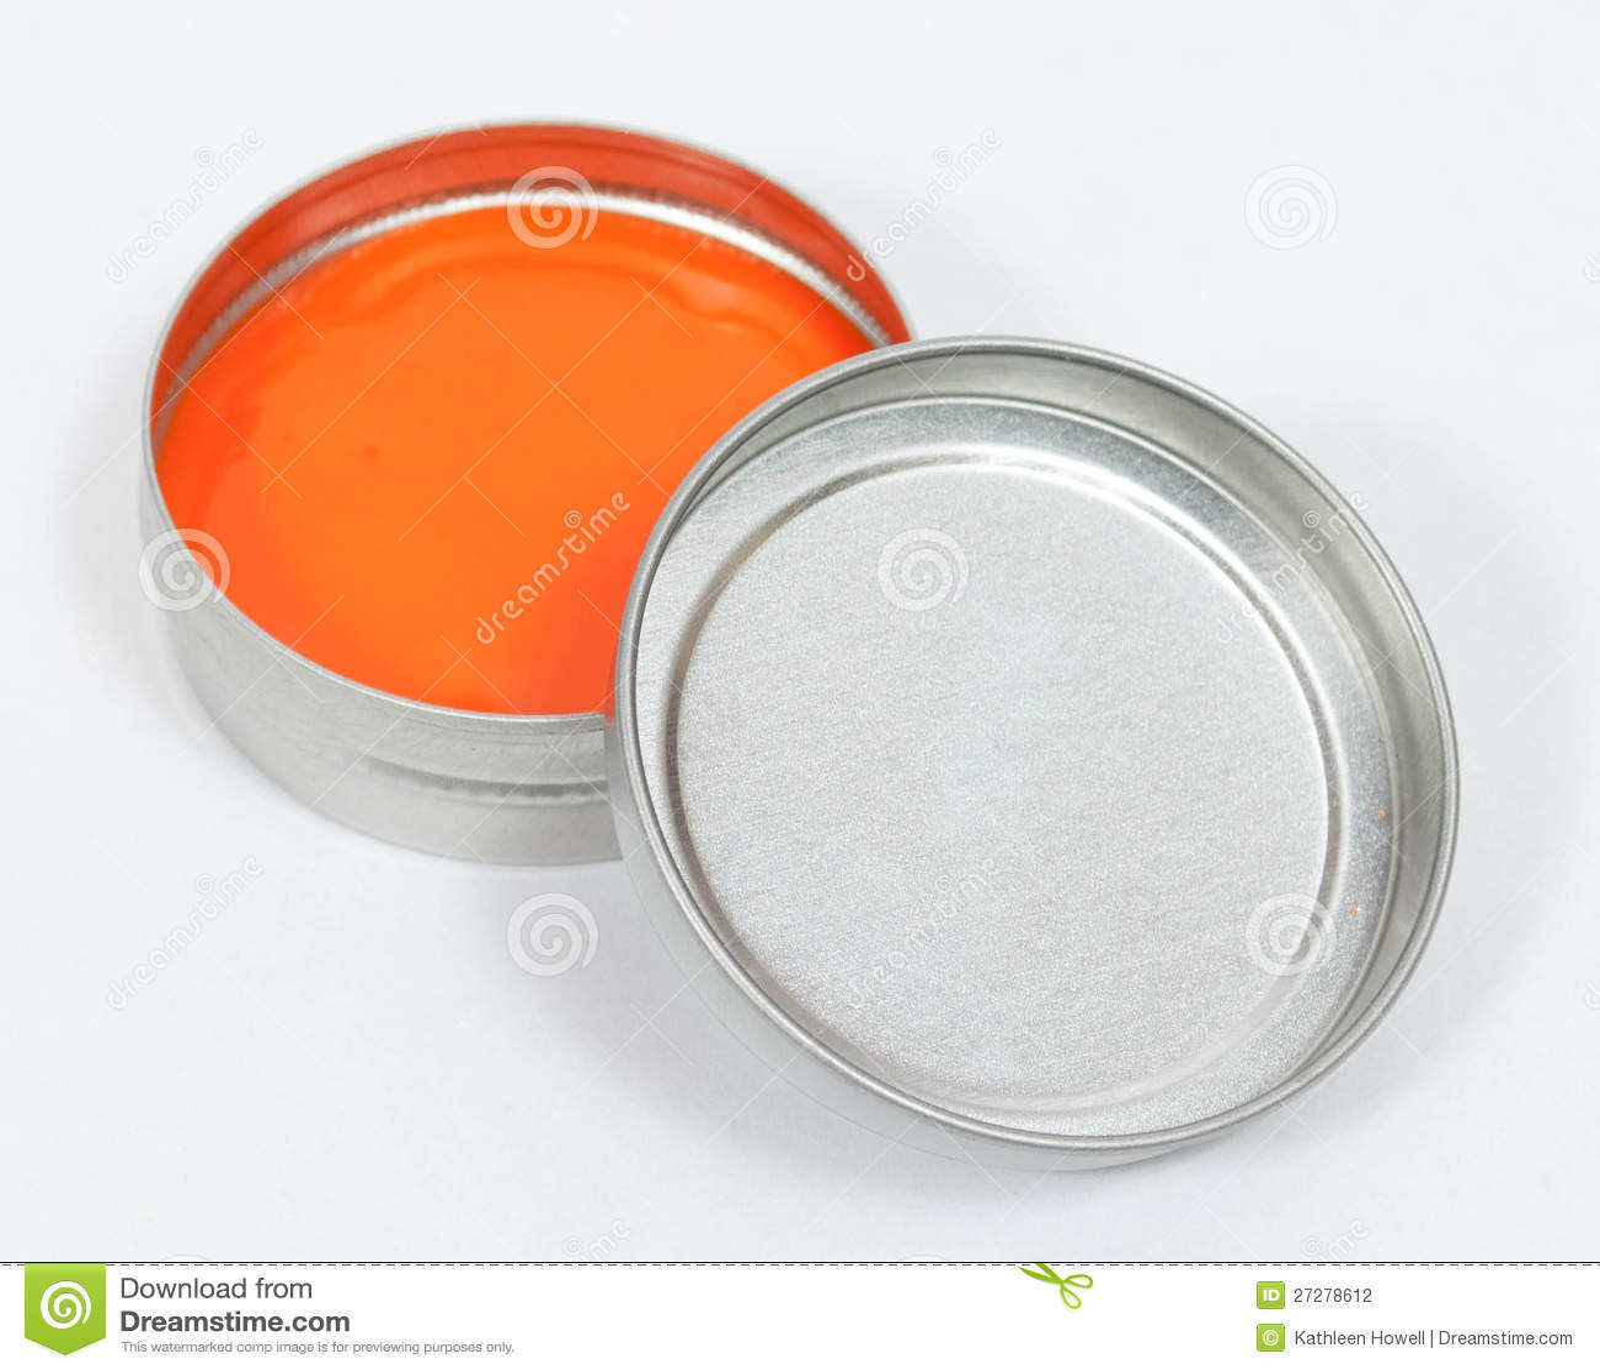 Orange spackel